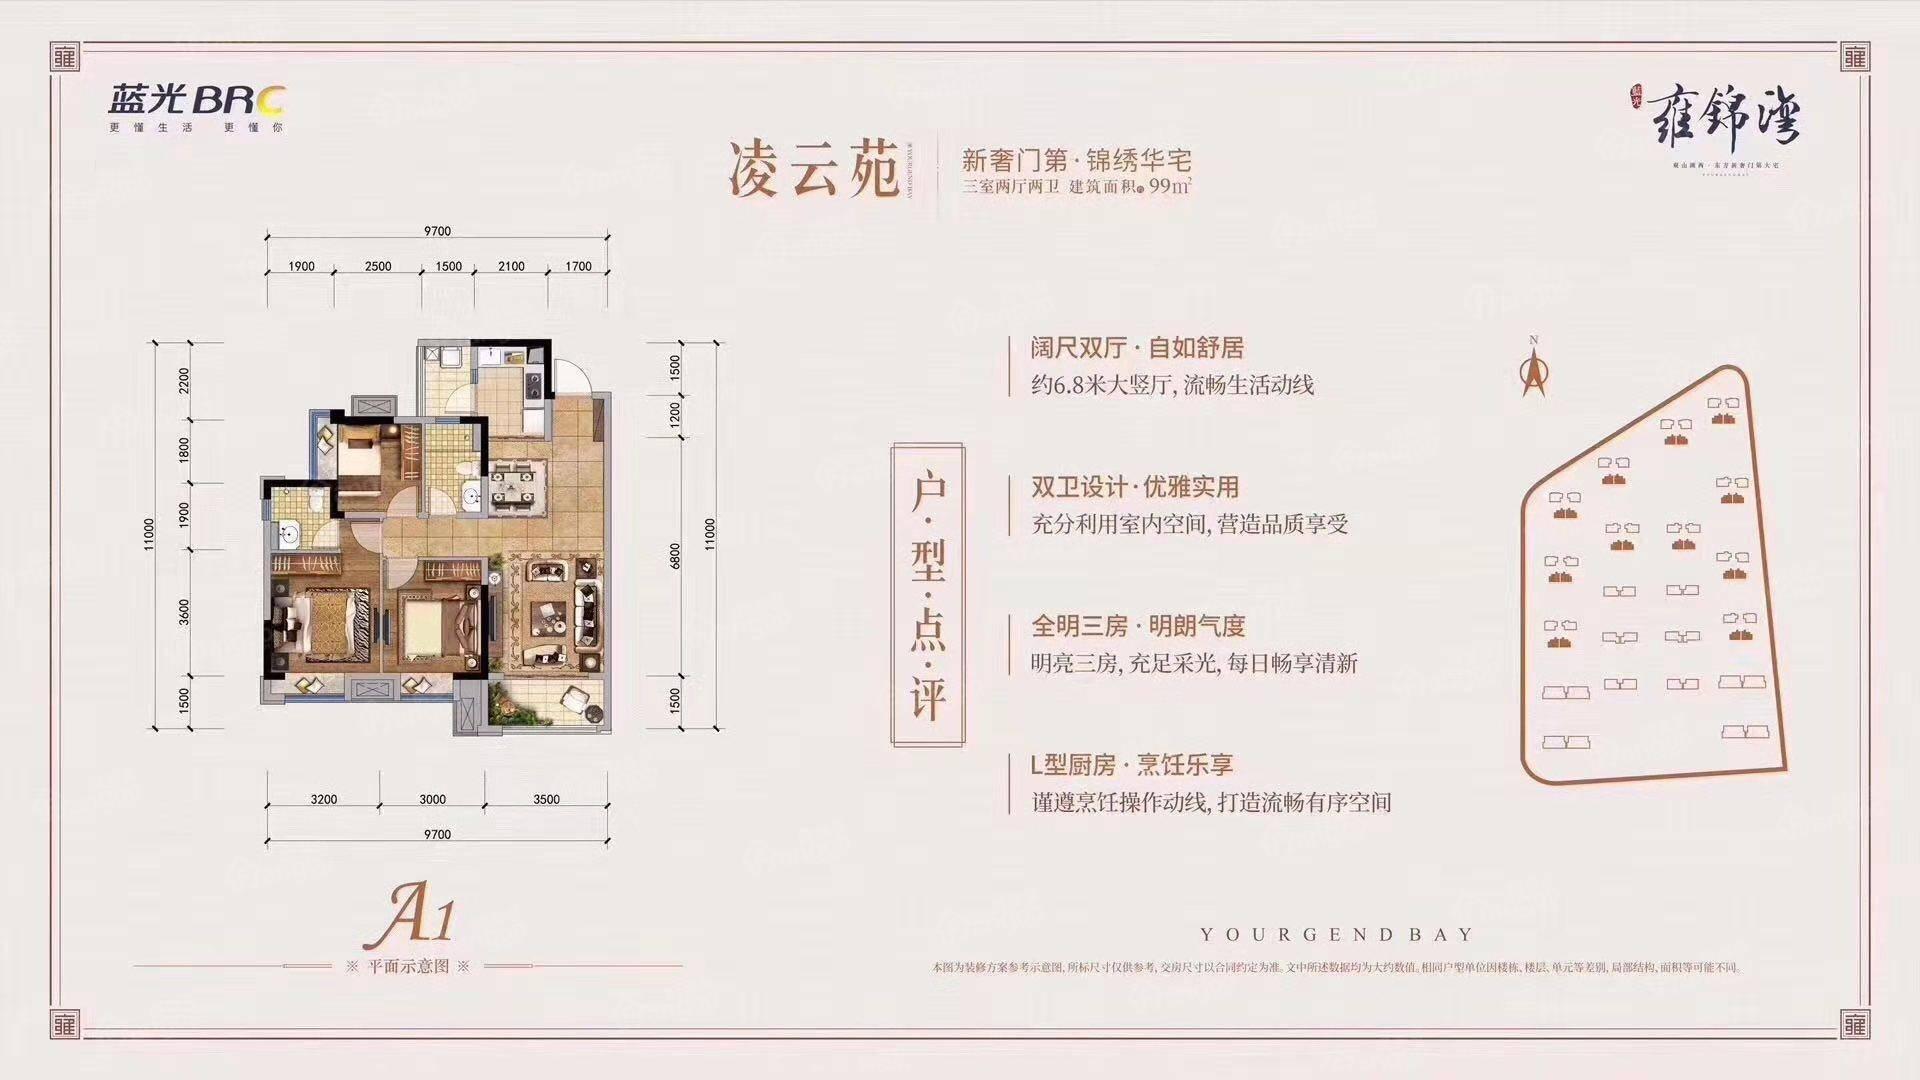 蓝光·雍锦湾3室2厅2卫户型图